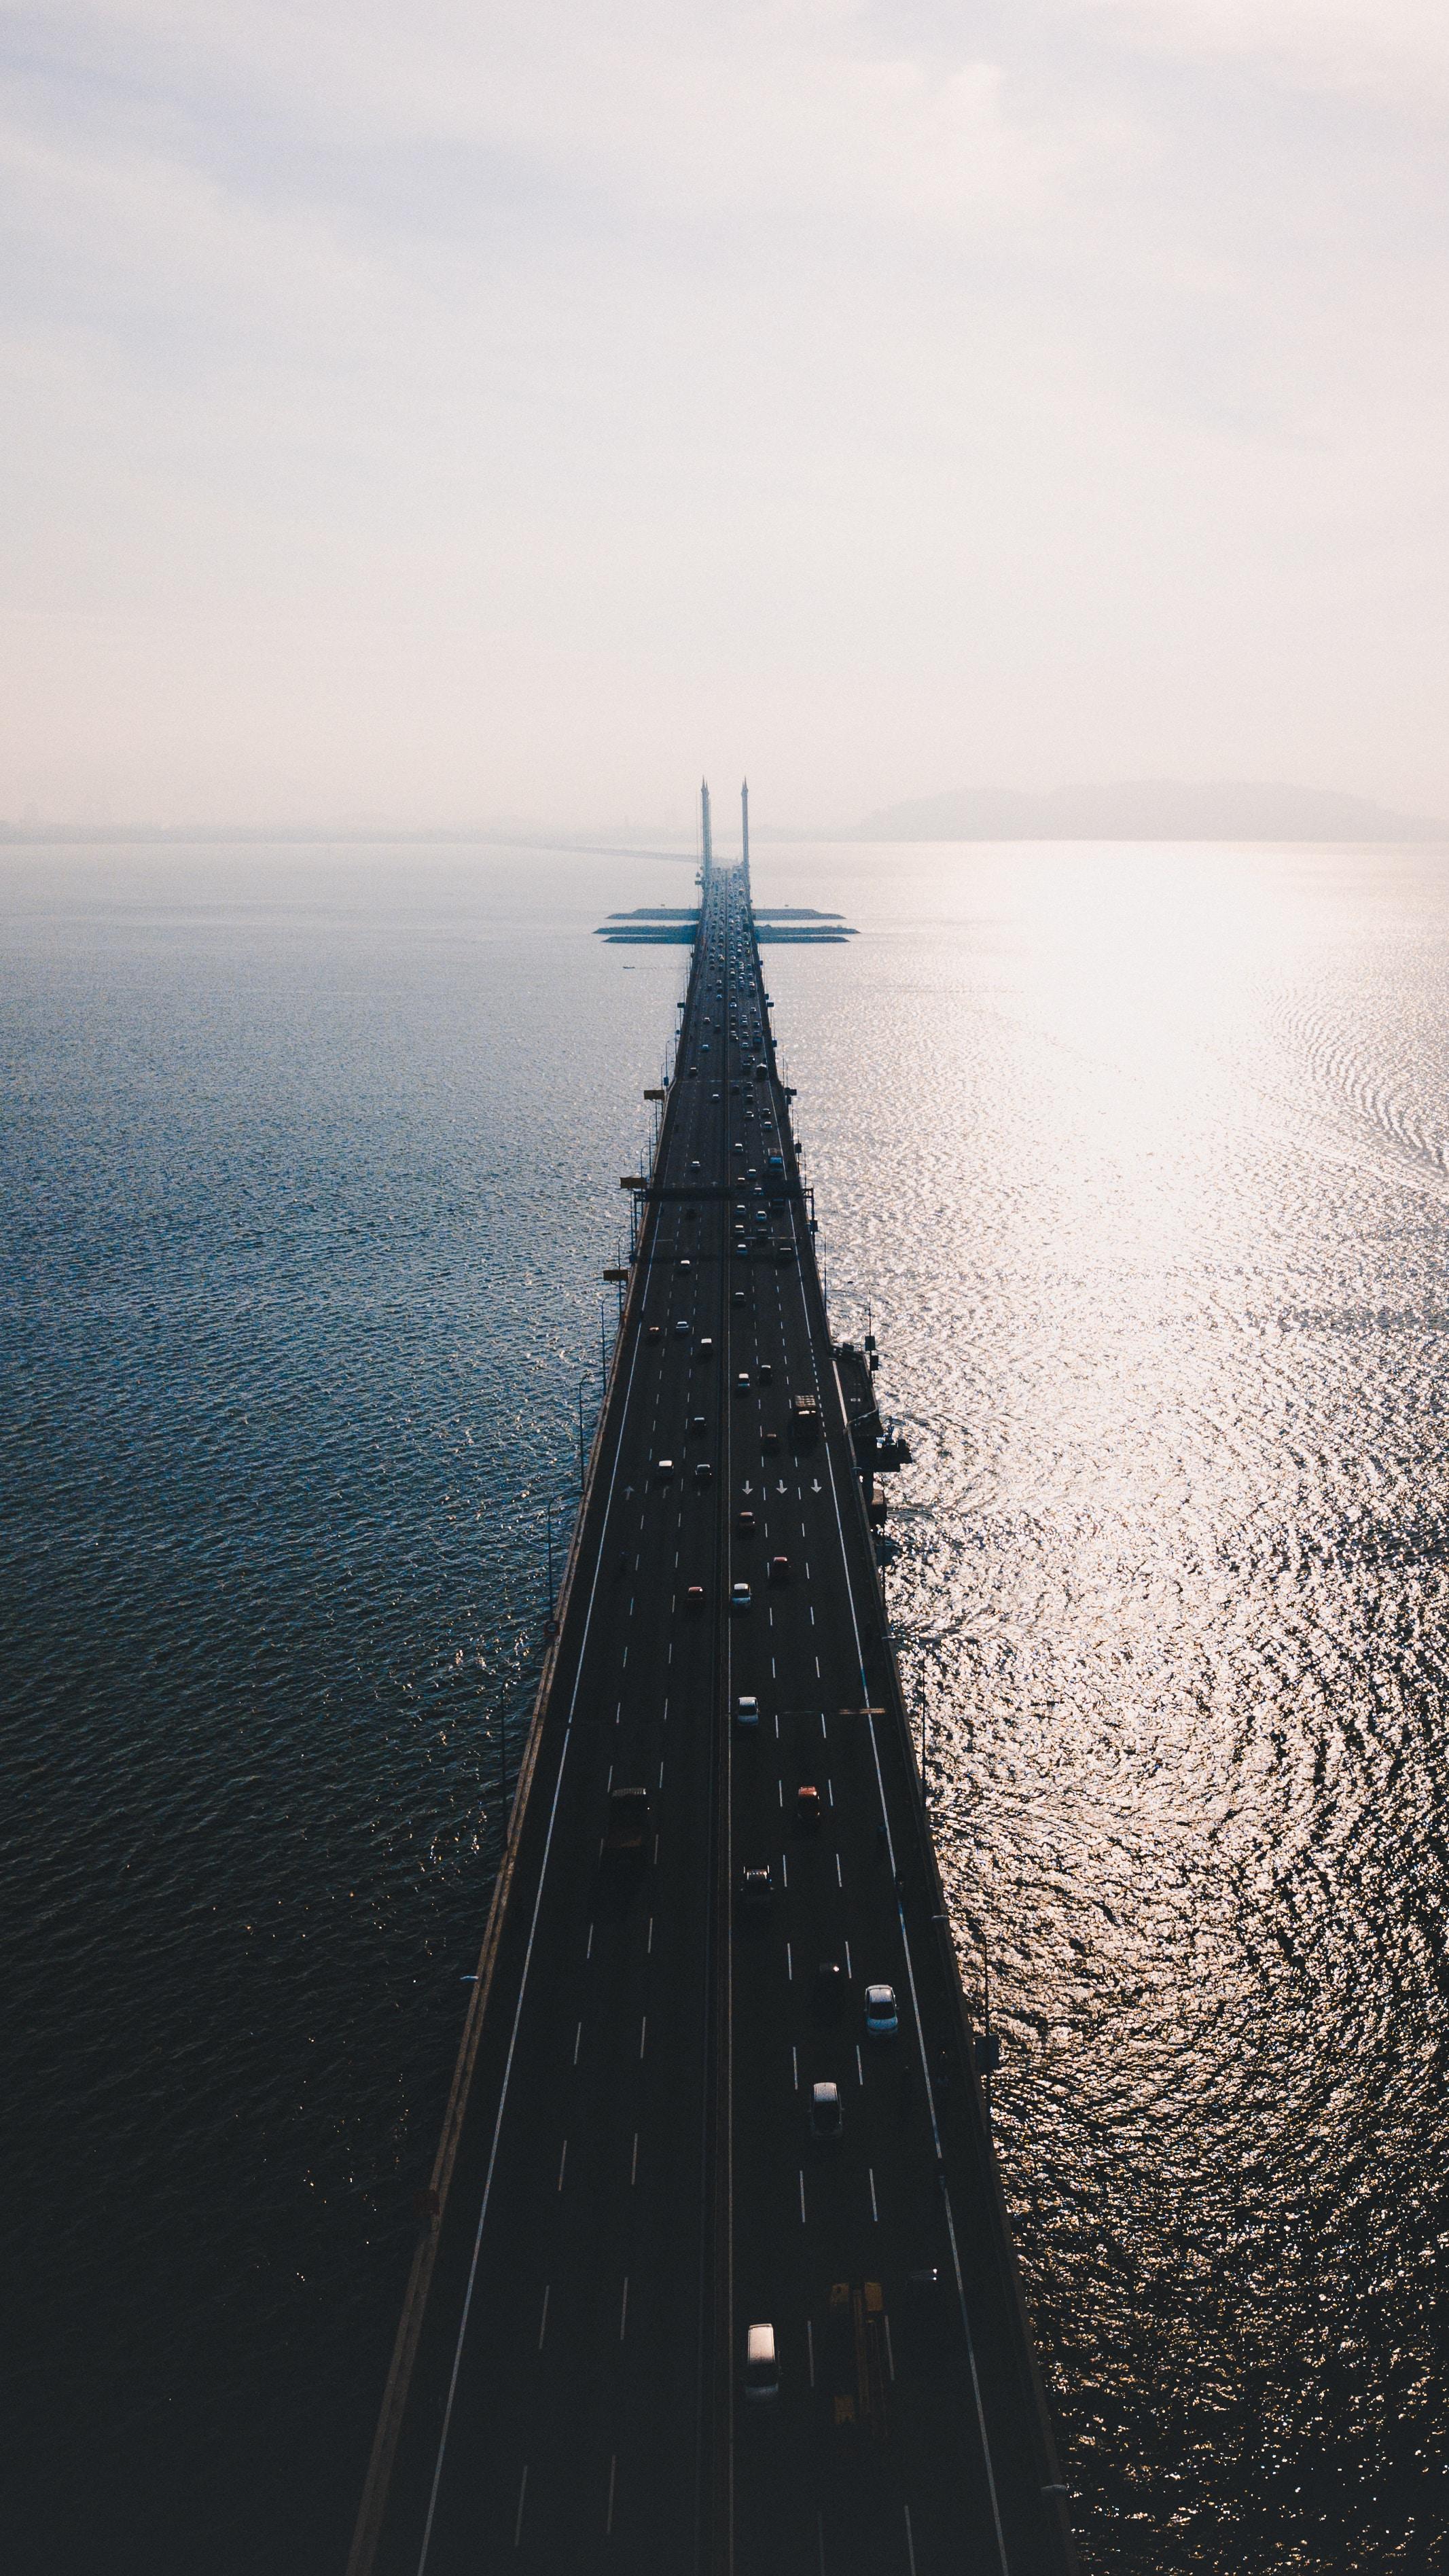 bridge on body of water during daytime